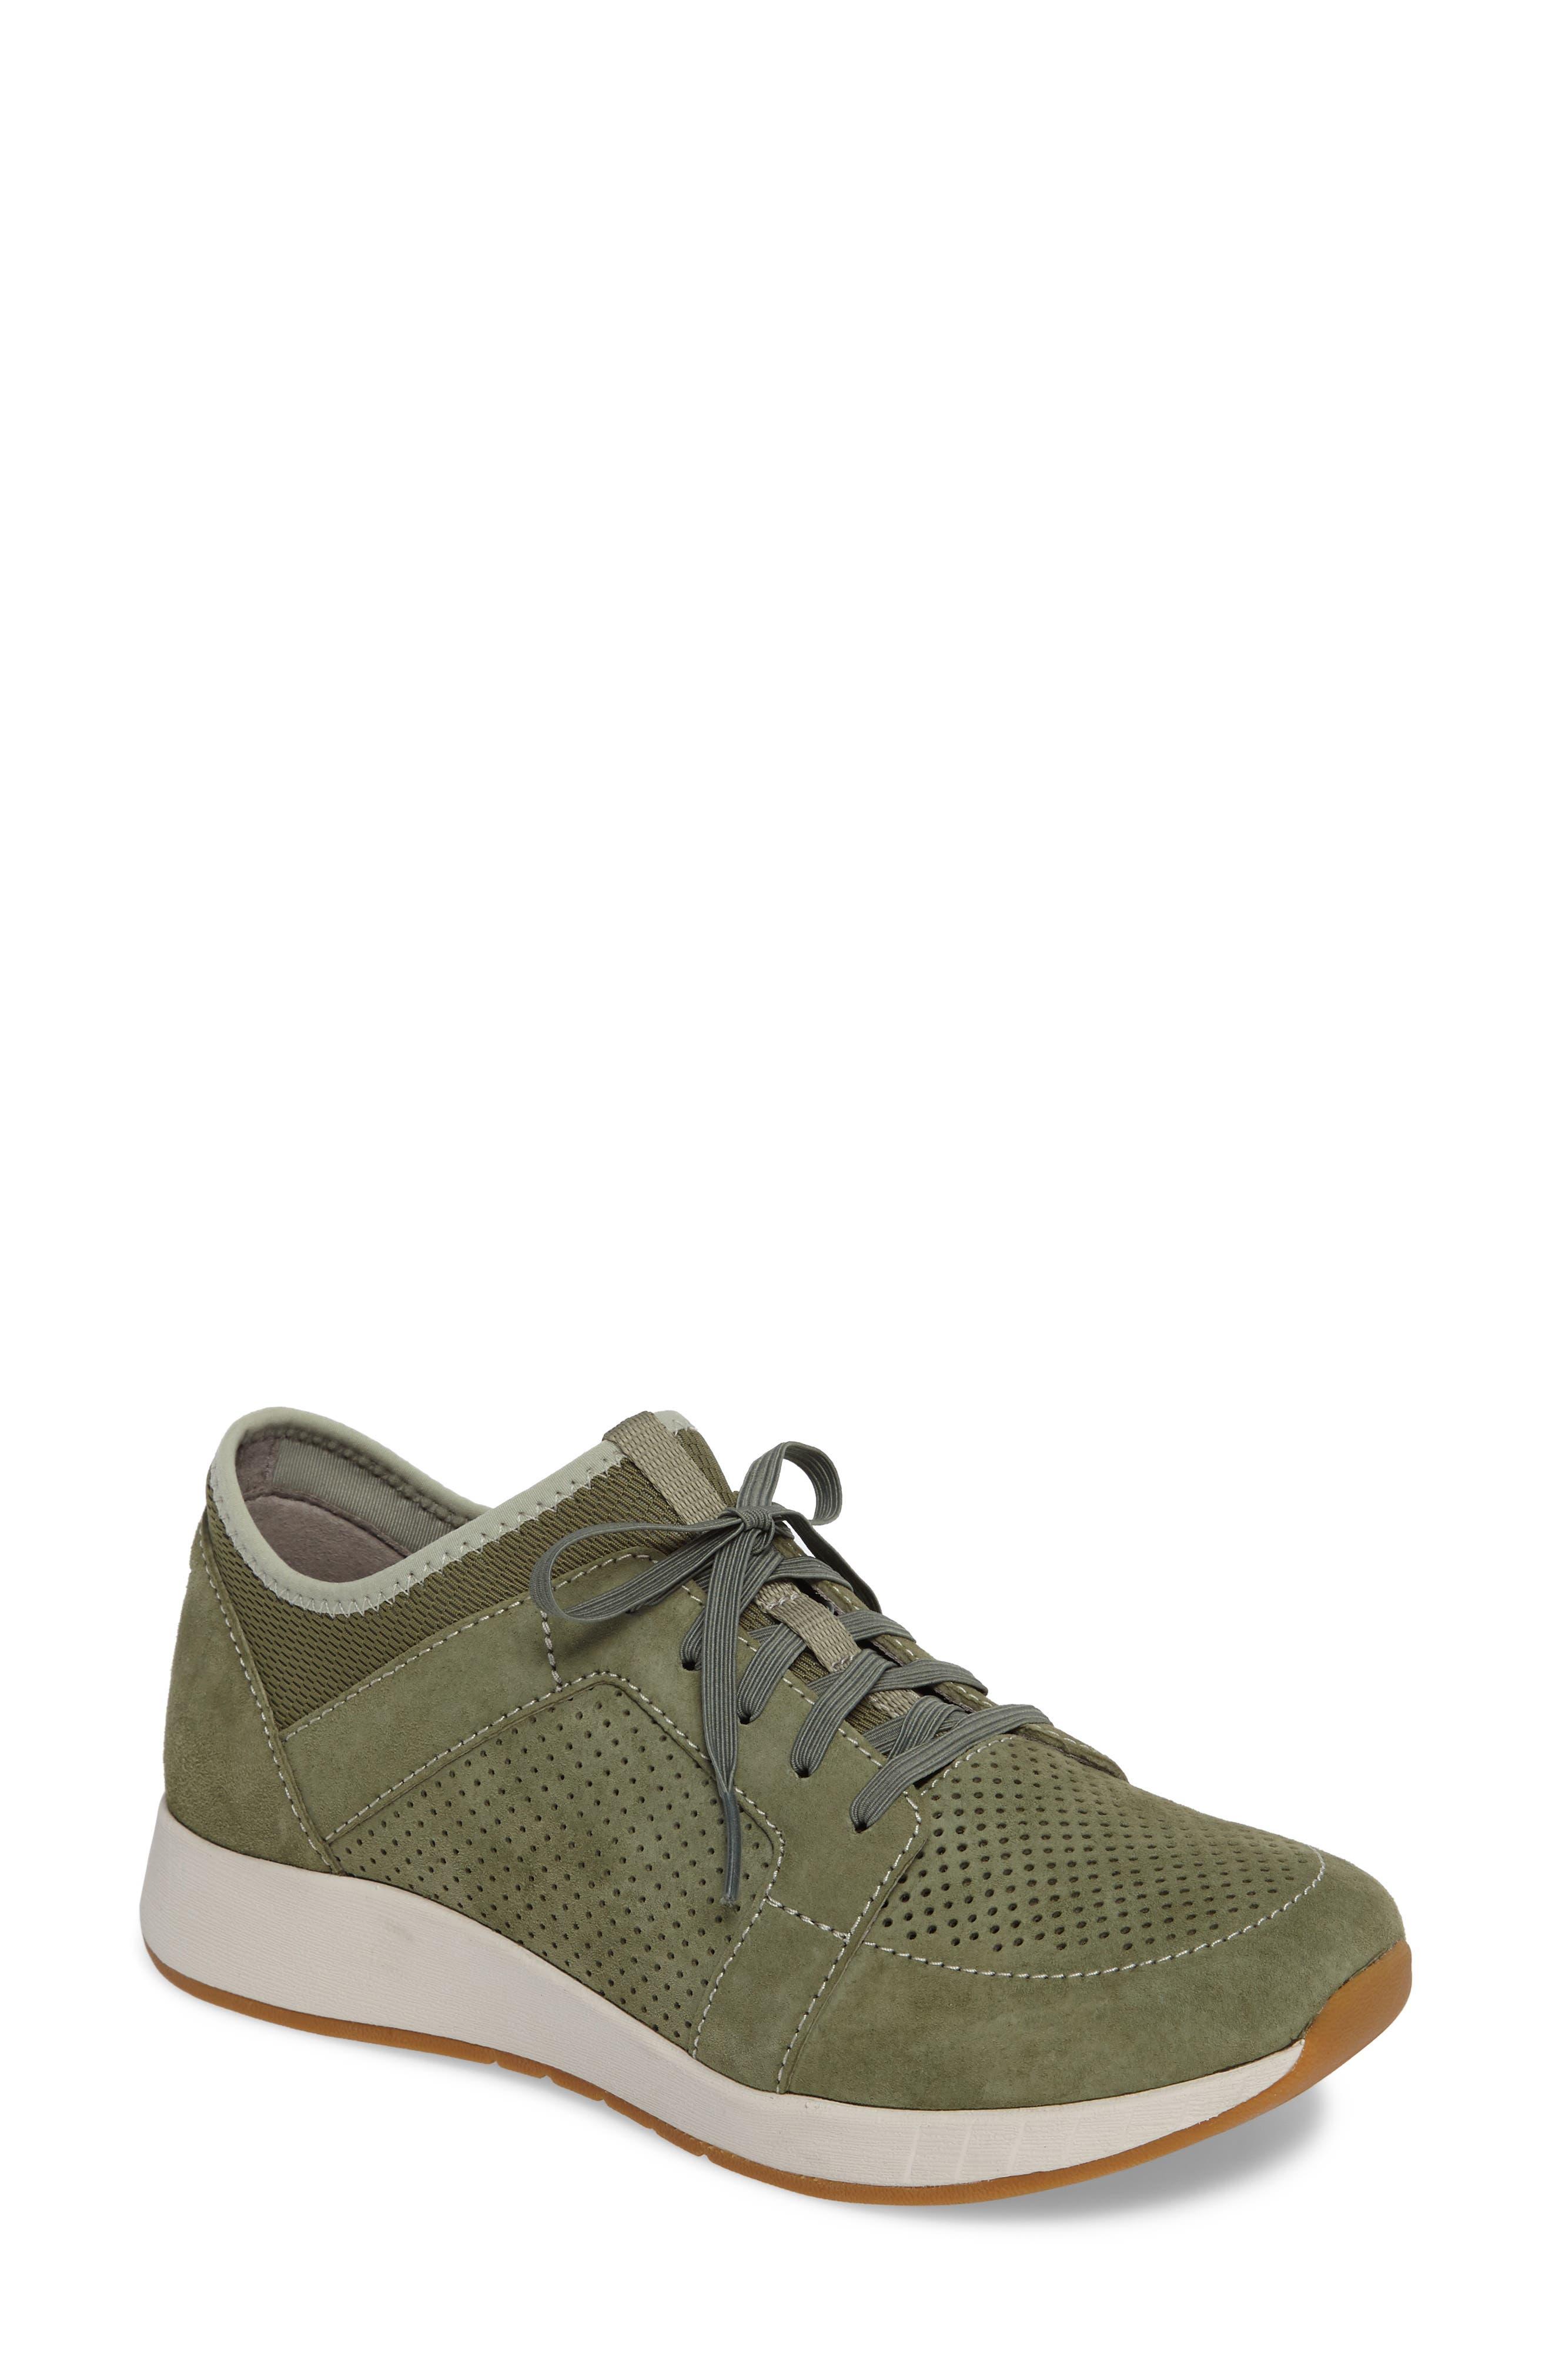 Cozette Slip-On Sneaker,                             Main thumbnail 1, color,                             Sage Suede